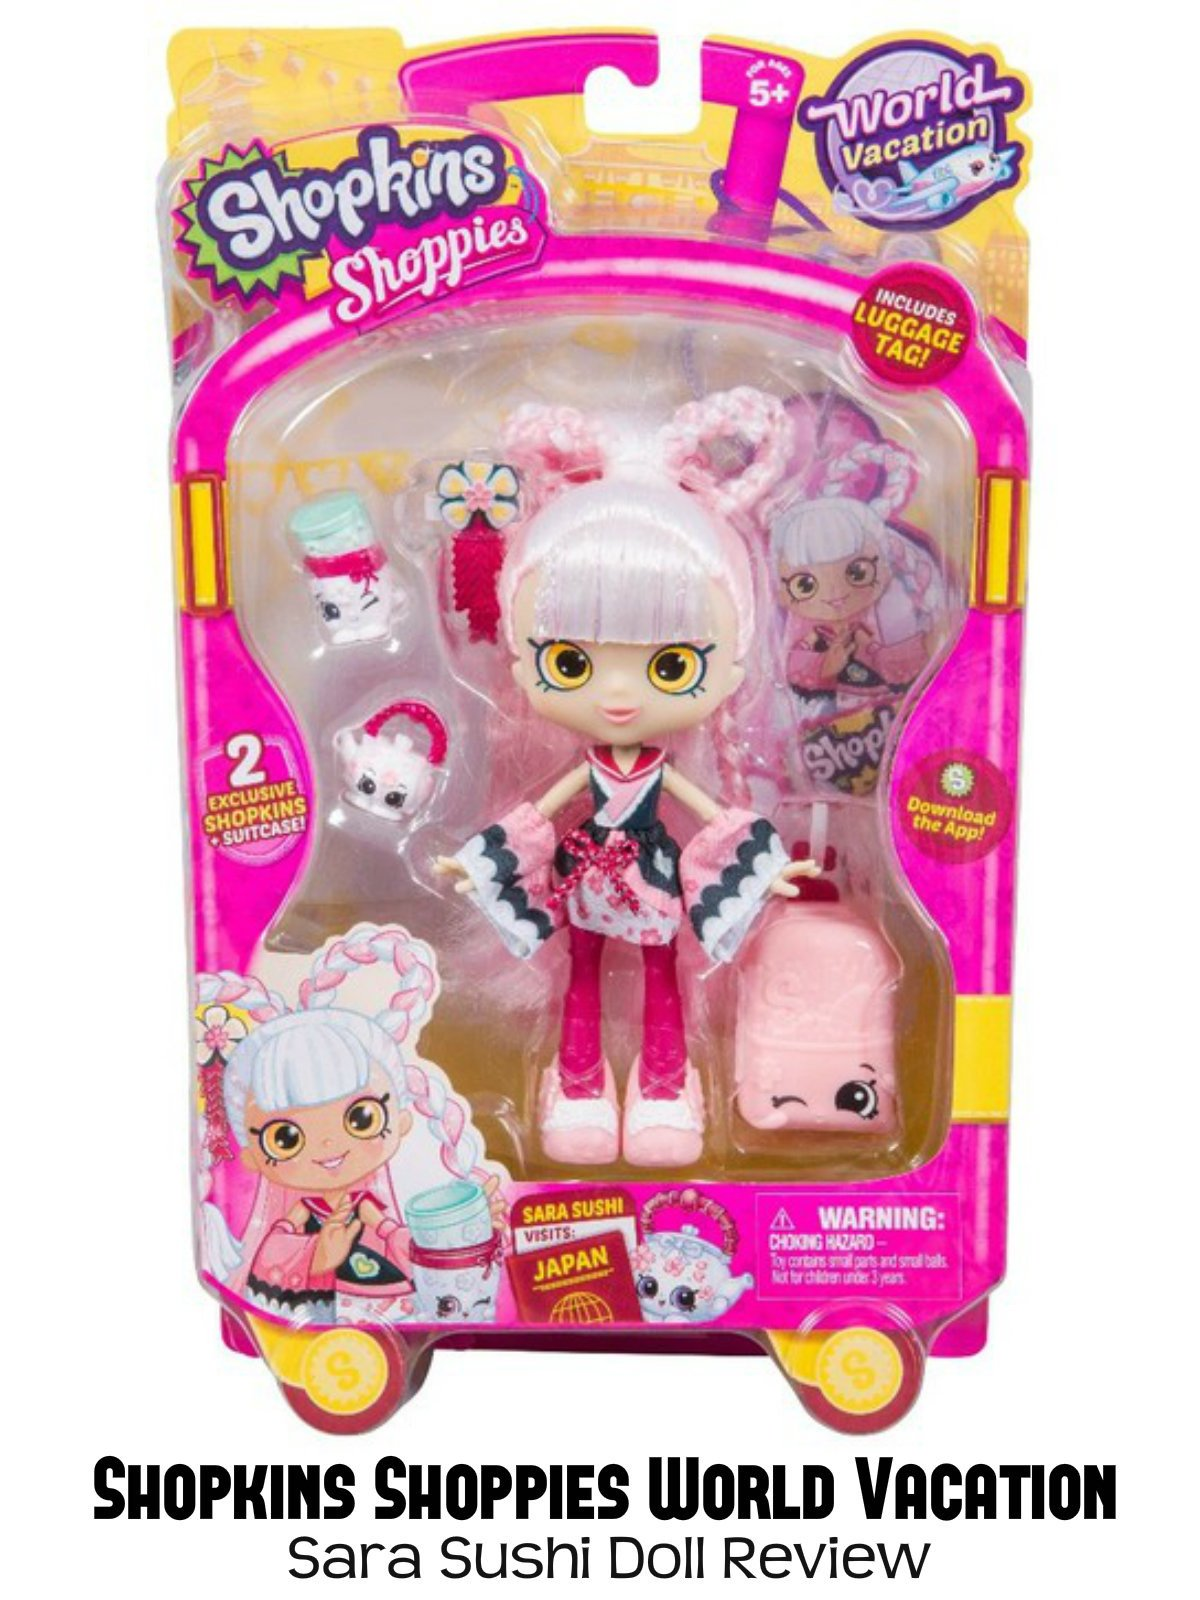 Review: Shopkins Shoppies World Vacation Sara Sushi Doll Review